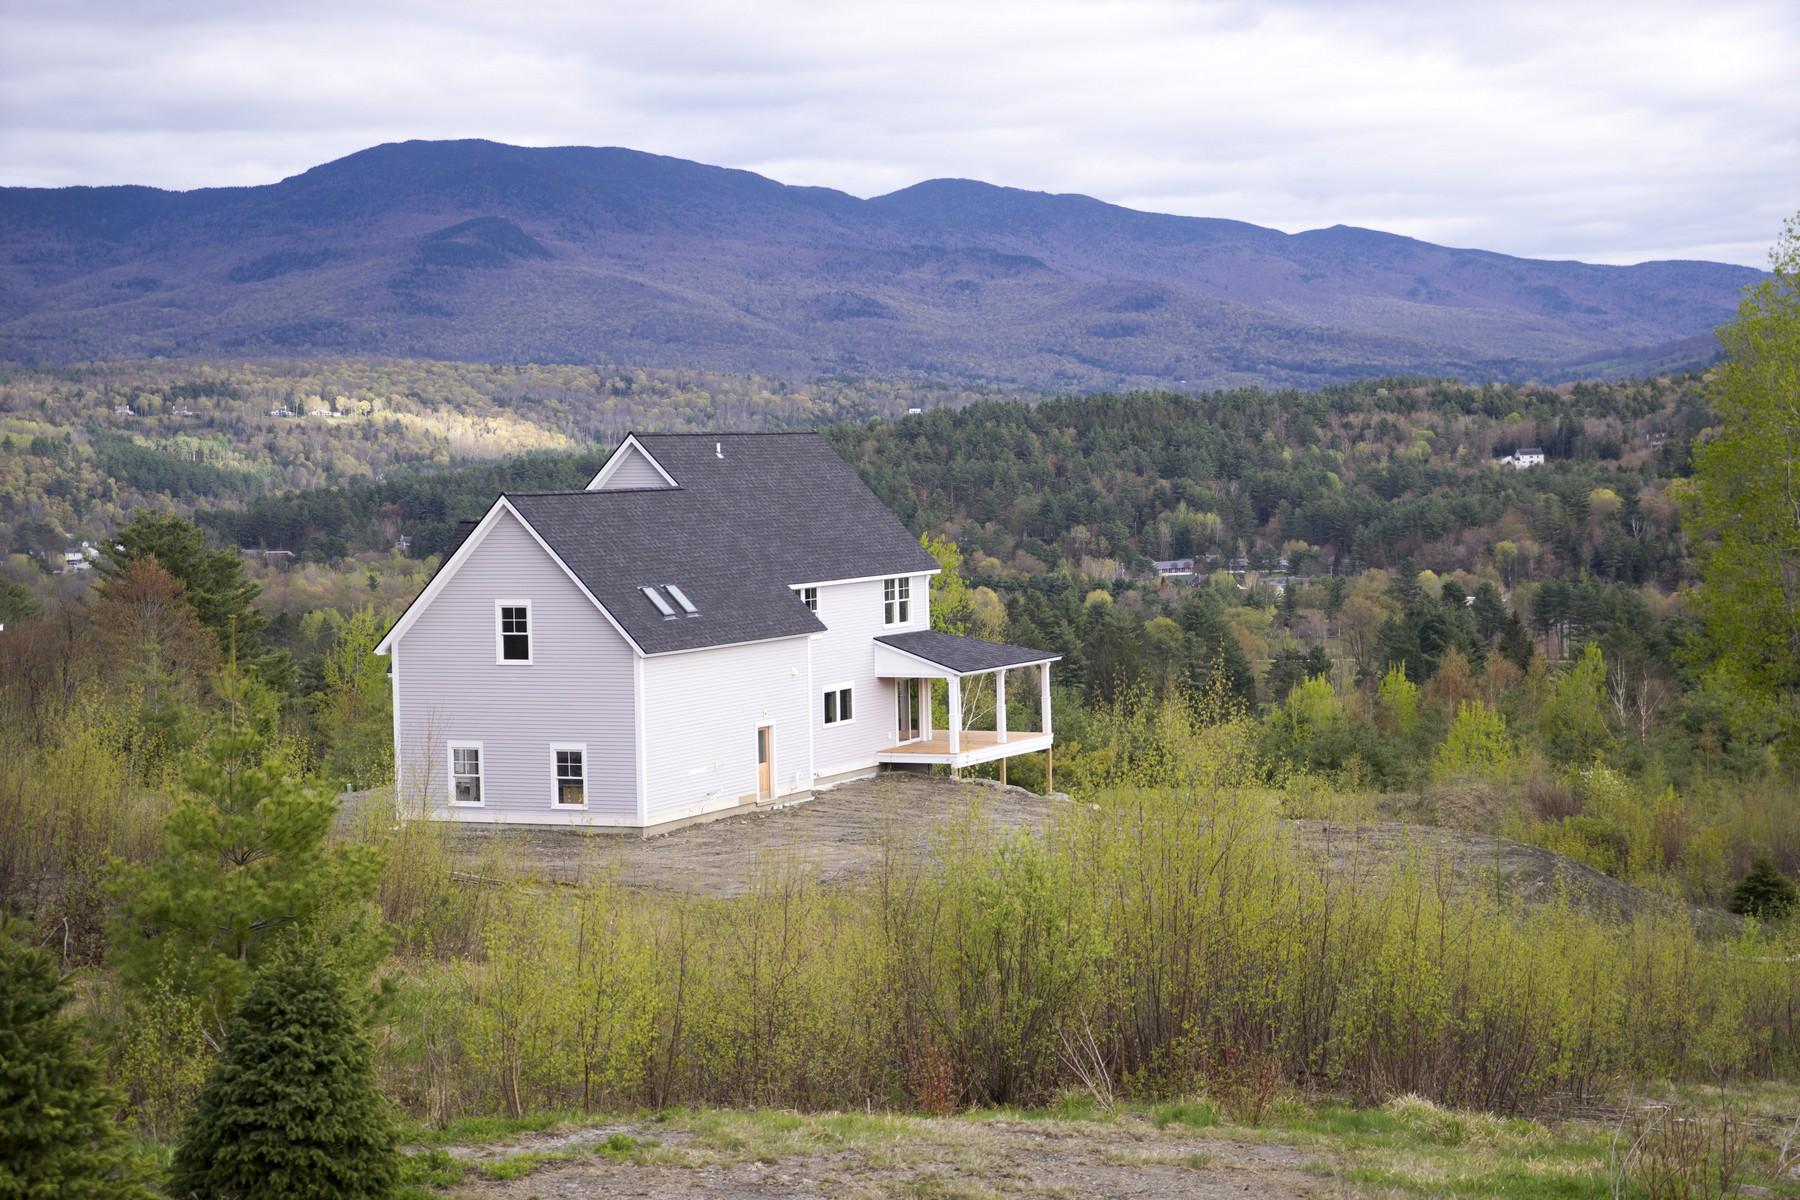 独户住宅 为 销售 在 98 Benjamin Trail Lot 1B-11, Stowe 98 Benjamin Trl Lot 1B-11 斯托, 佛蒙特州, 05672 美国